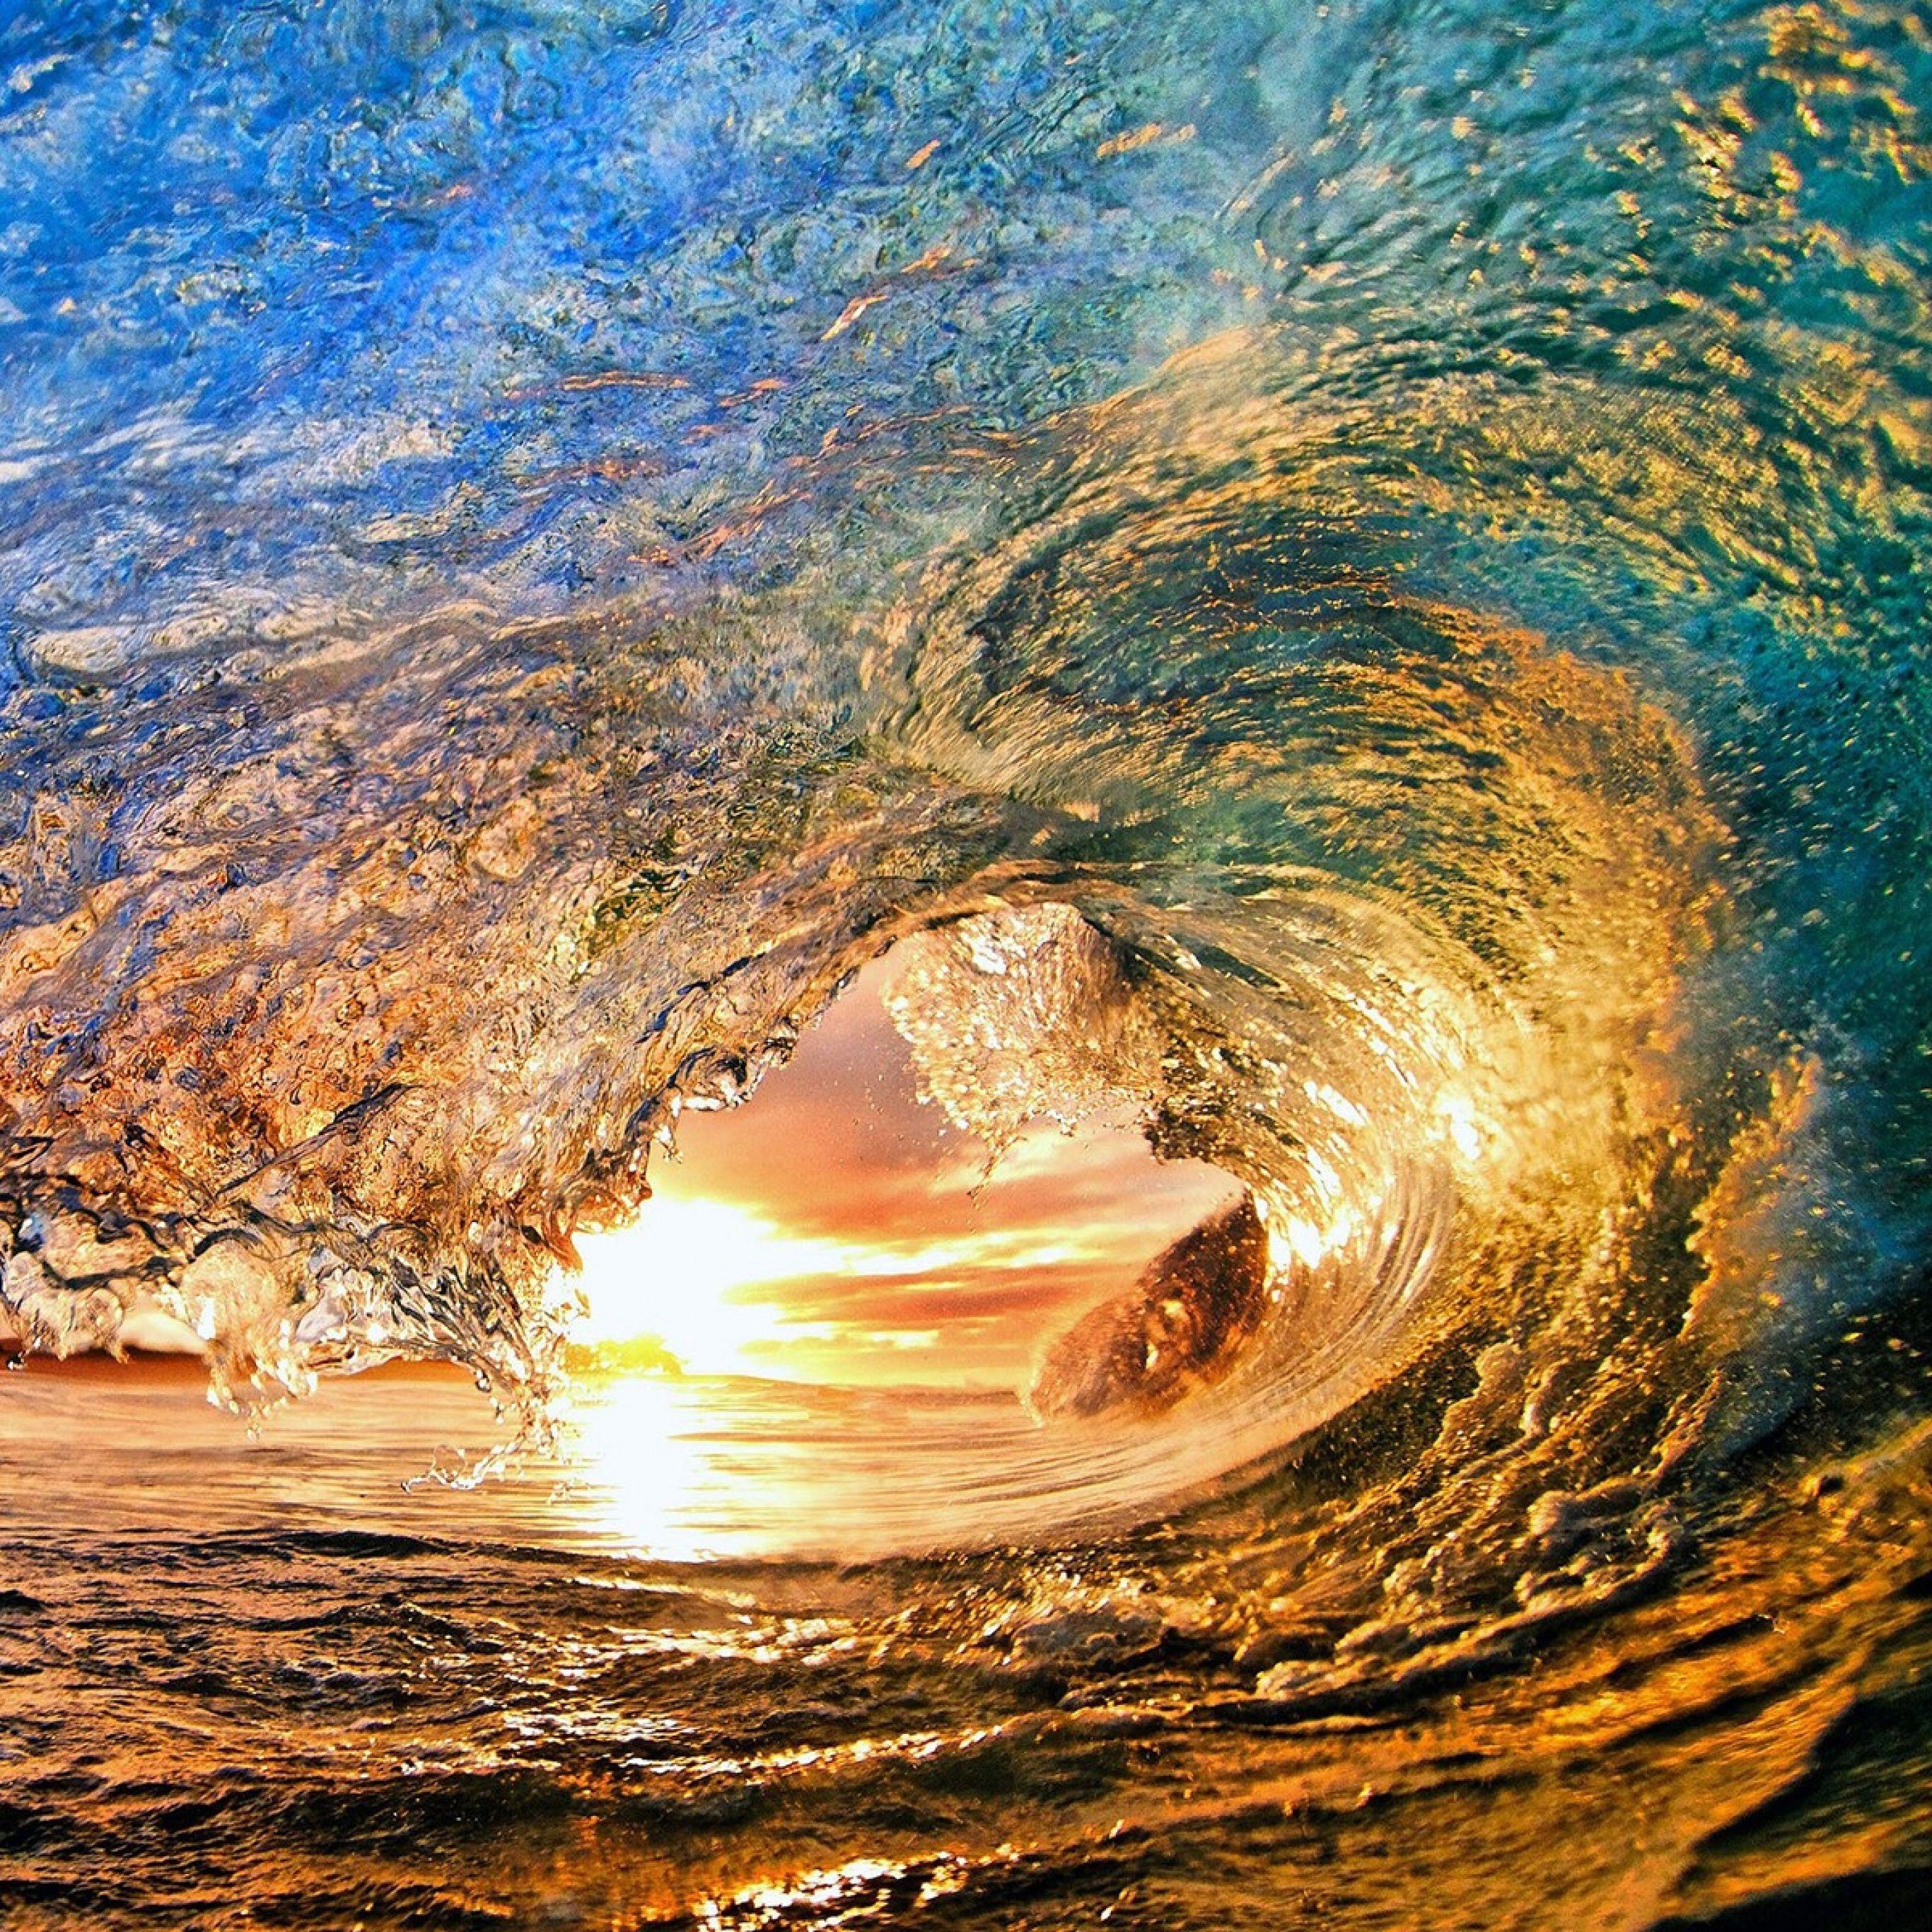 Waves Wallpapers: 2732x2732 Wallpaper Do Sol, Mar, Onda